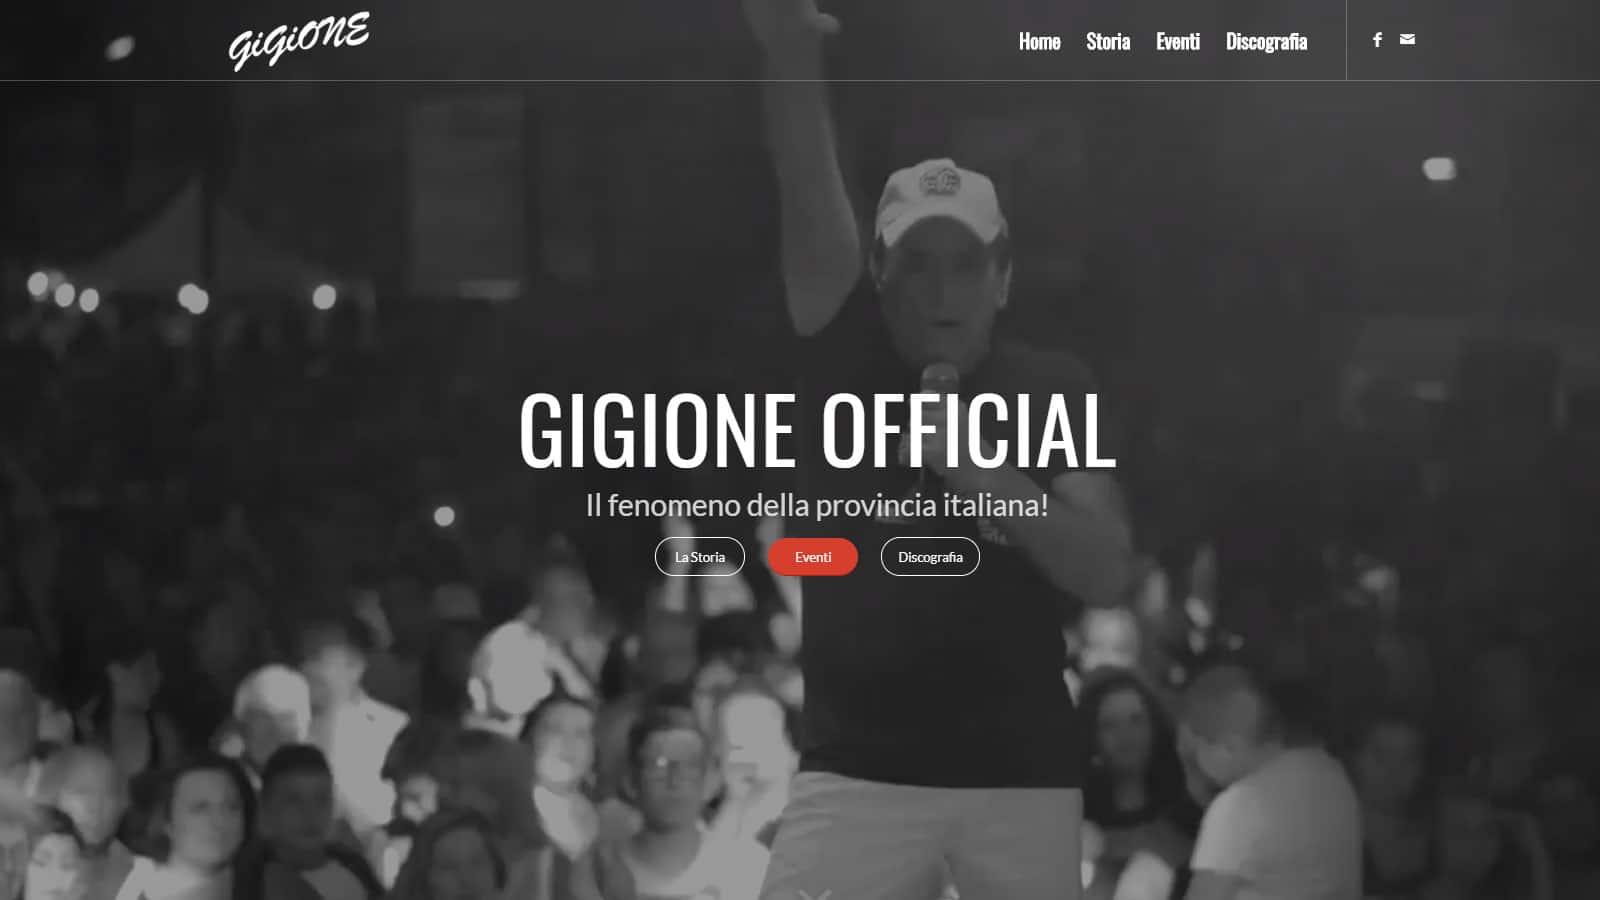 GIGIONE OFFICIAL - Sito Ufficiale di Gigione